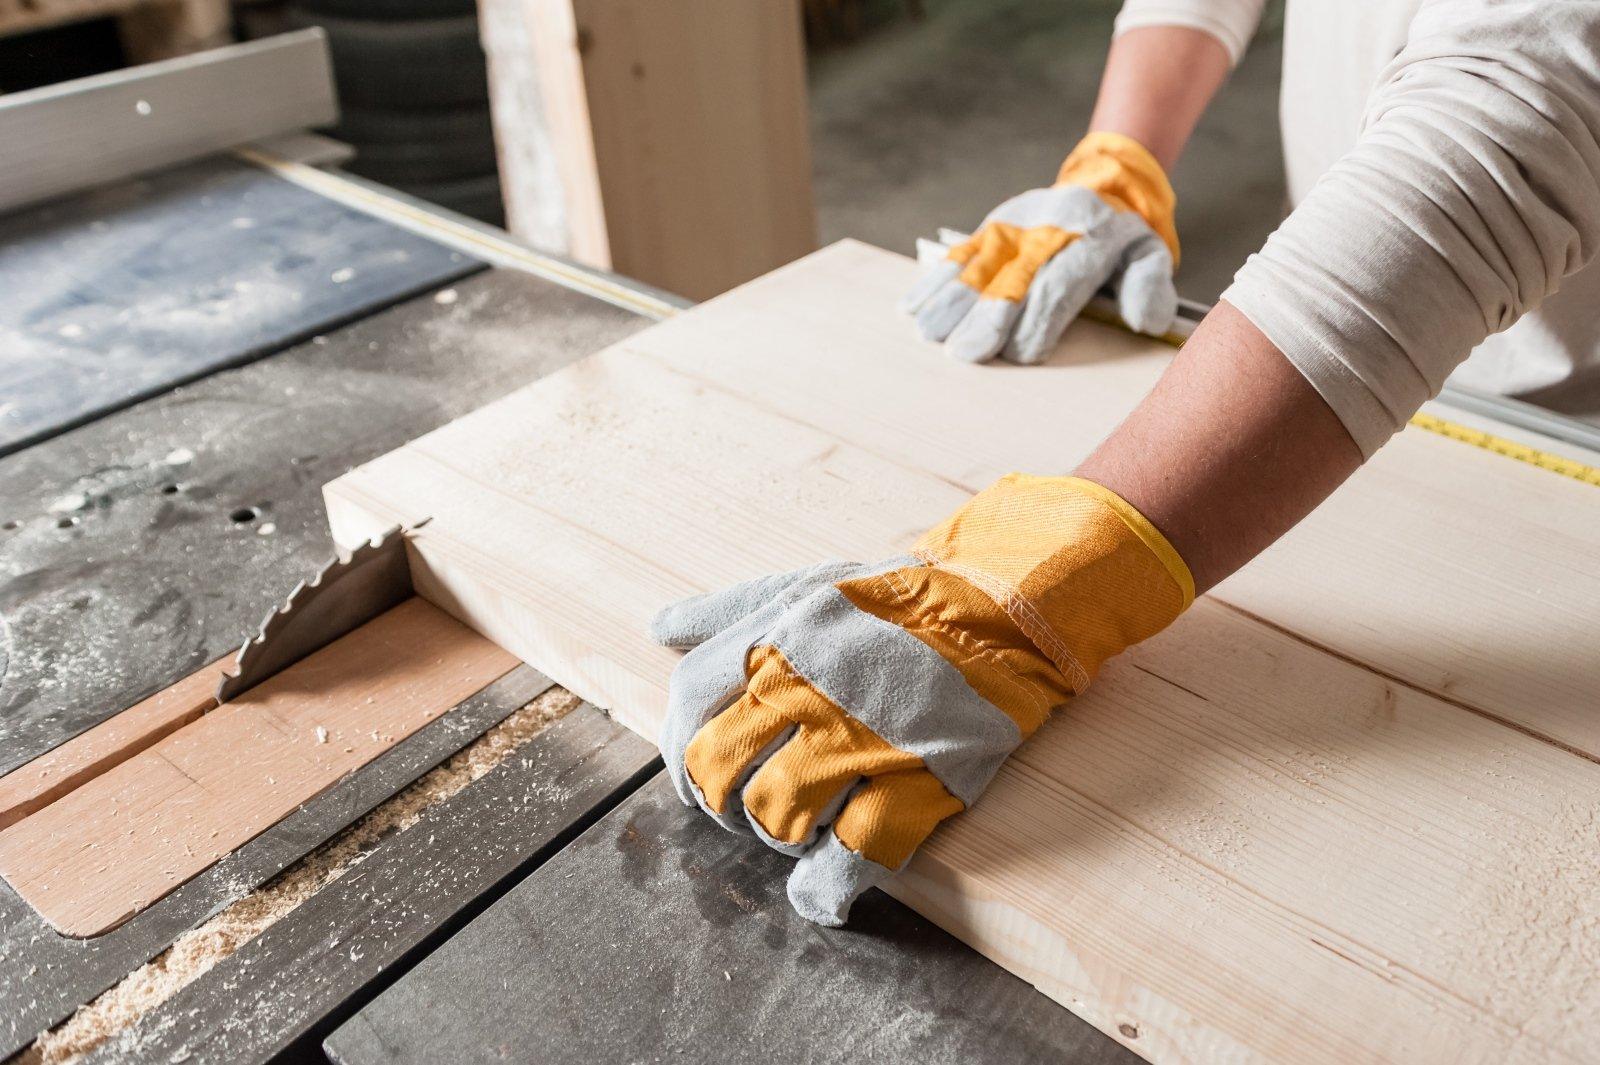 operaio che lavora legno con sega elettrica